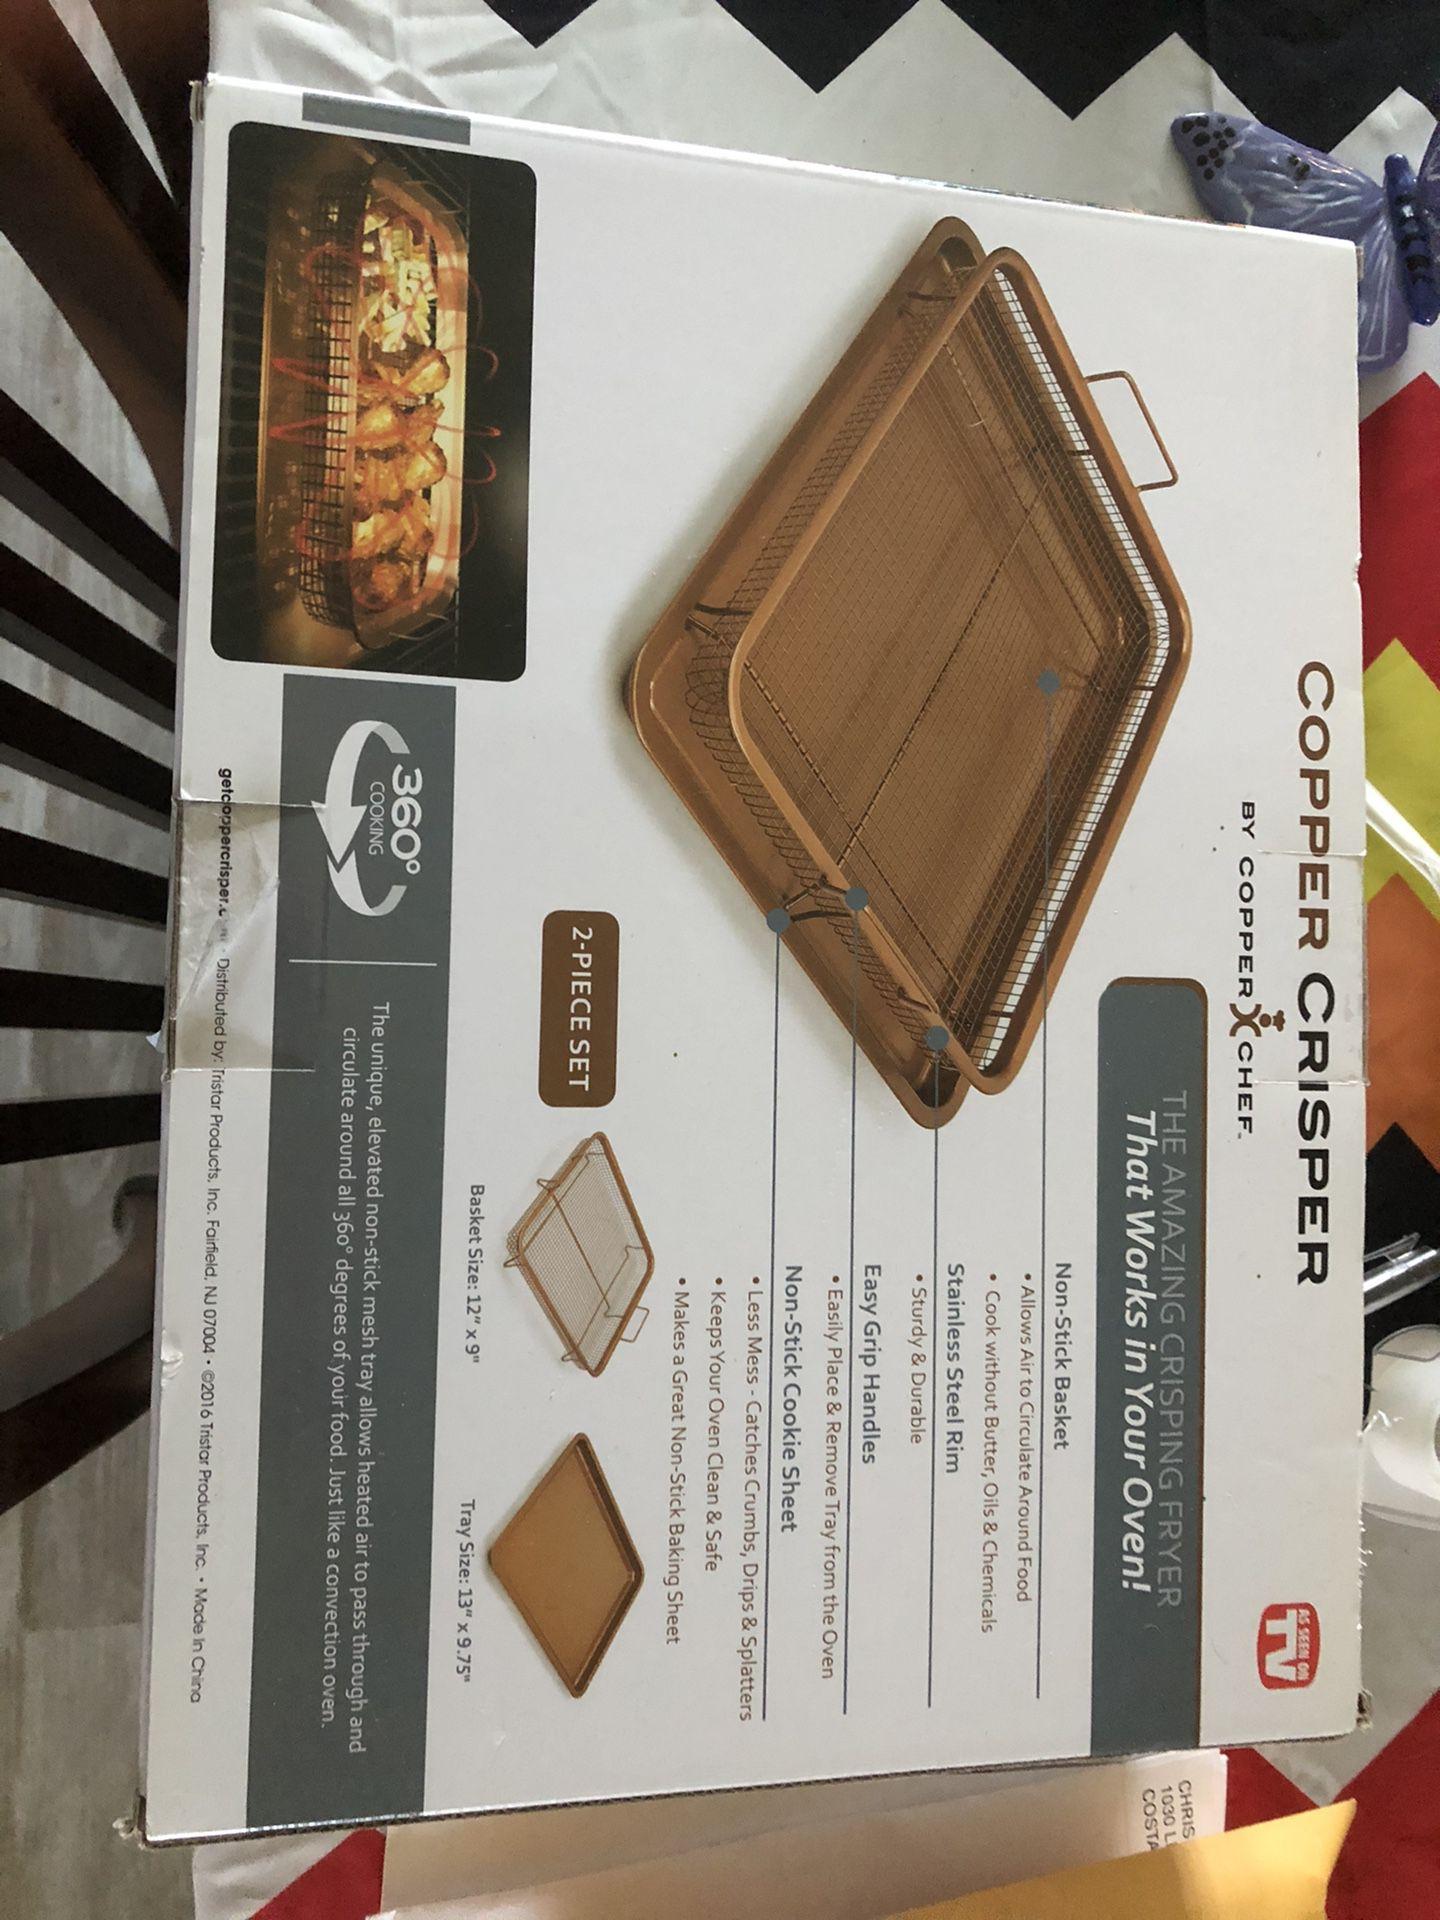 $10 Brand new copper Crisper by Copper Chef.